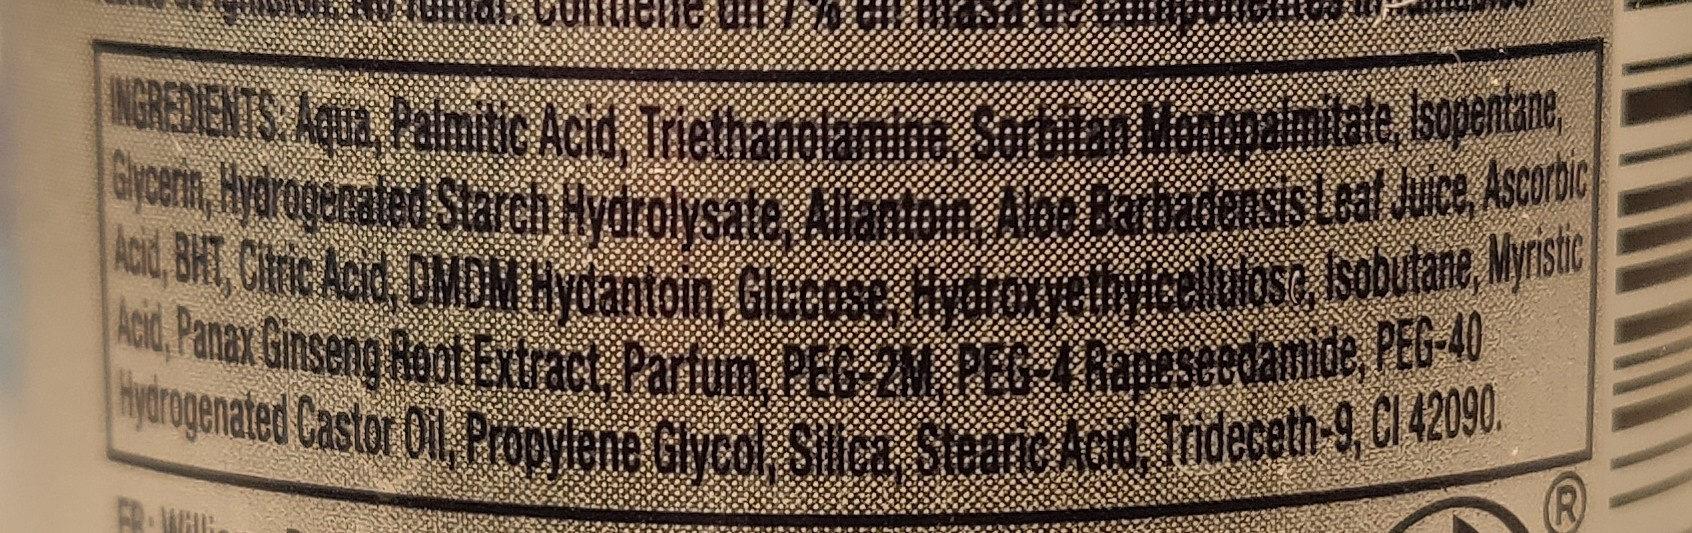 Williams Gel Protect - Ingredients - en